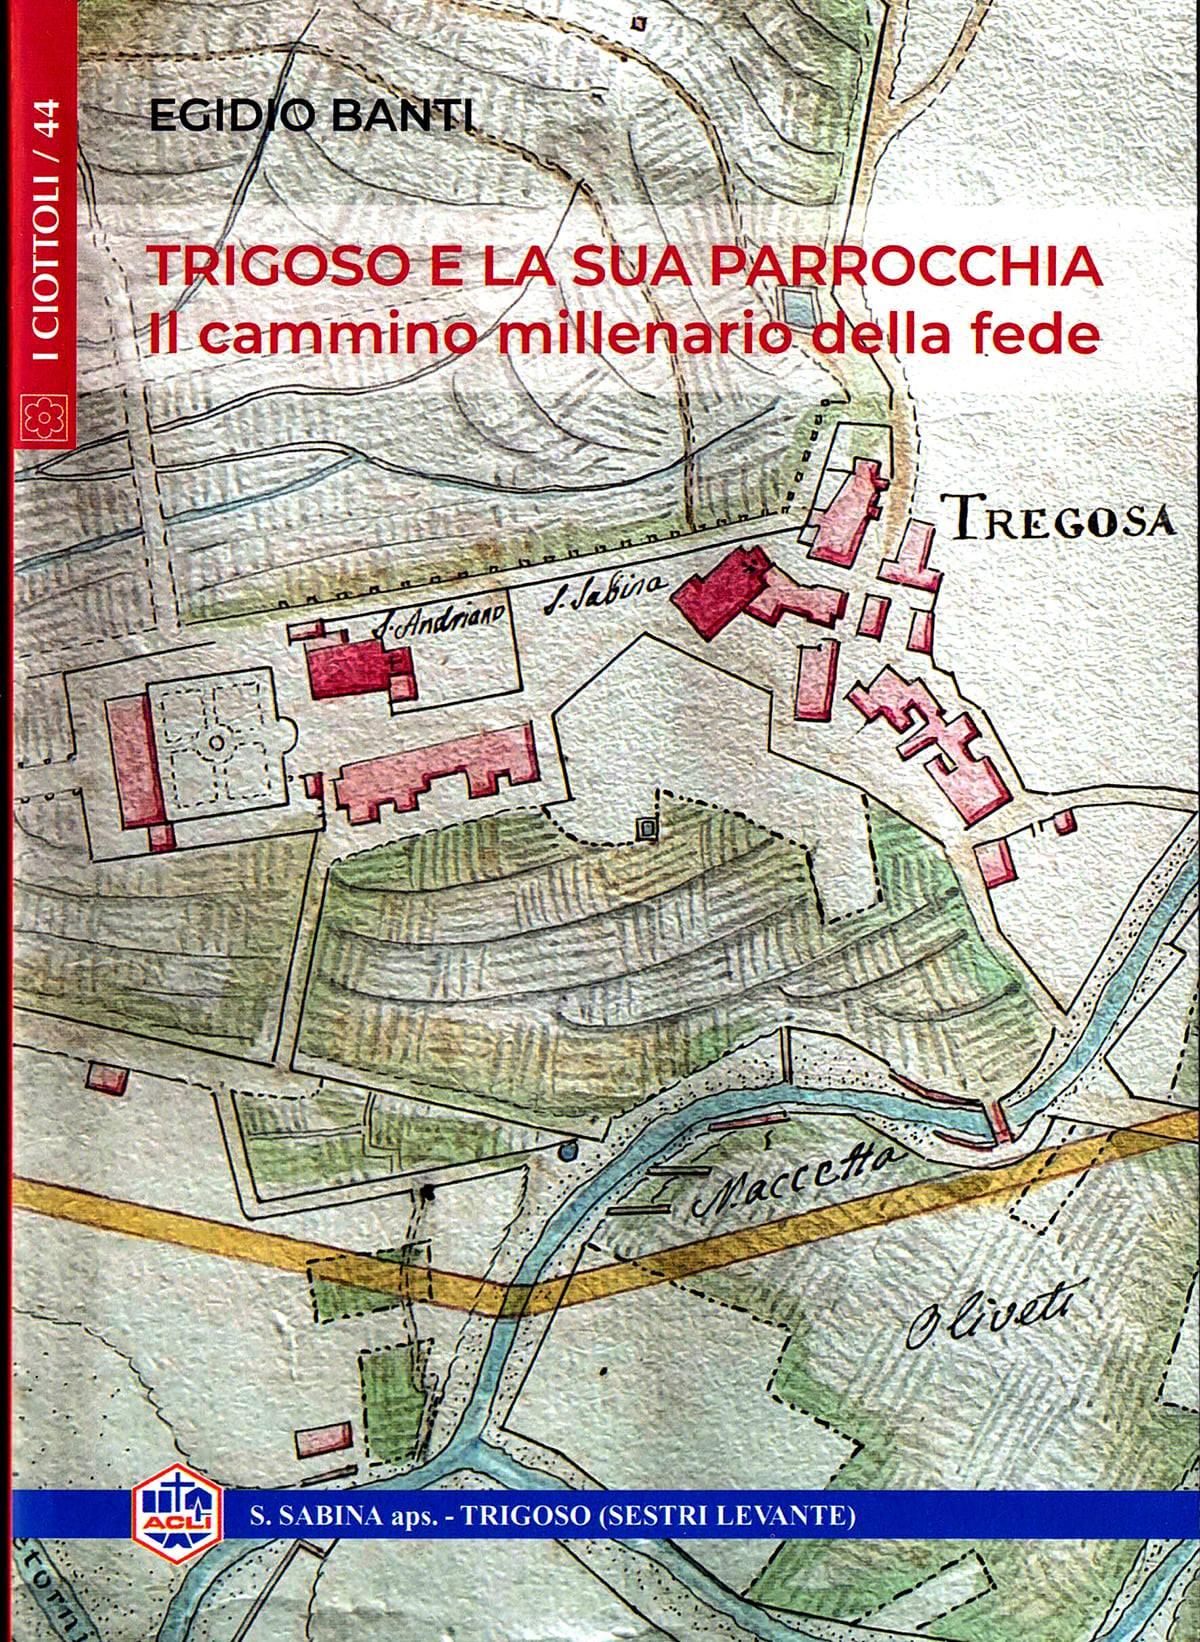 Riva Trigoso: rinviata la presentazione del libro di Banti